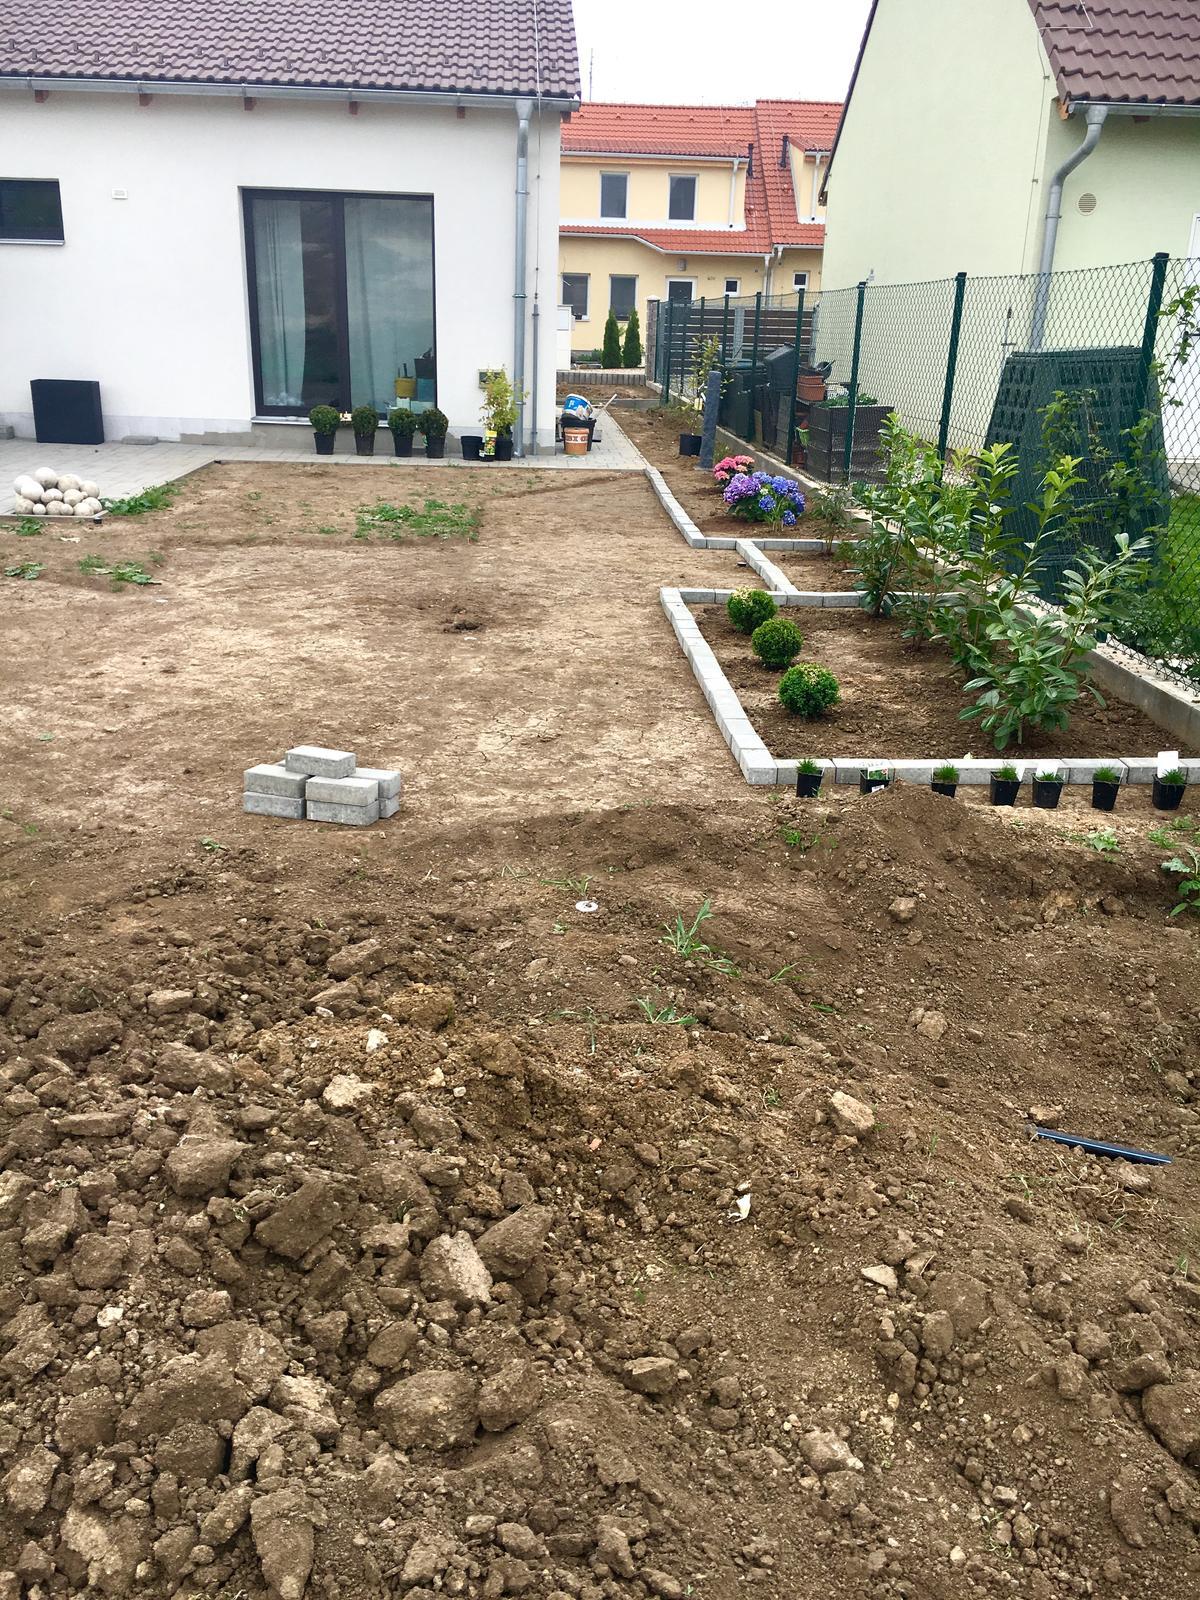 Exteriér domu snů - ještě kousek zbývá seškrábnout a pak jen 14 dní zavlažovat a čekat, až si terén sedne a huráa na tu trávu